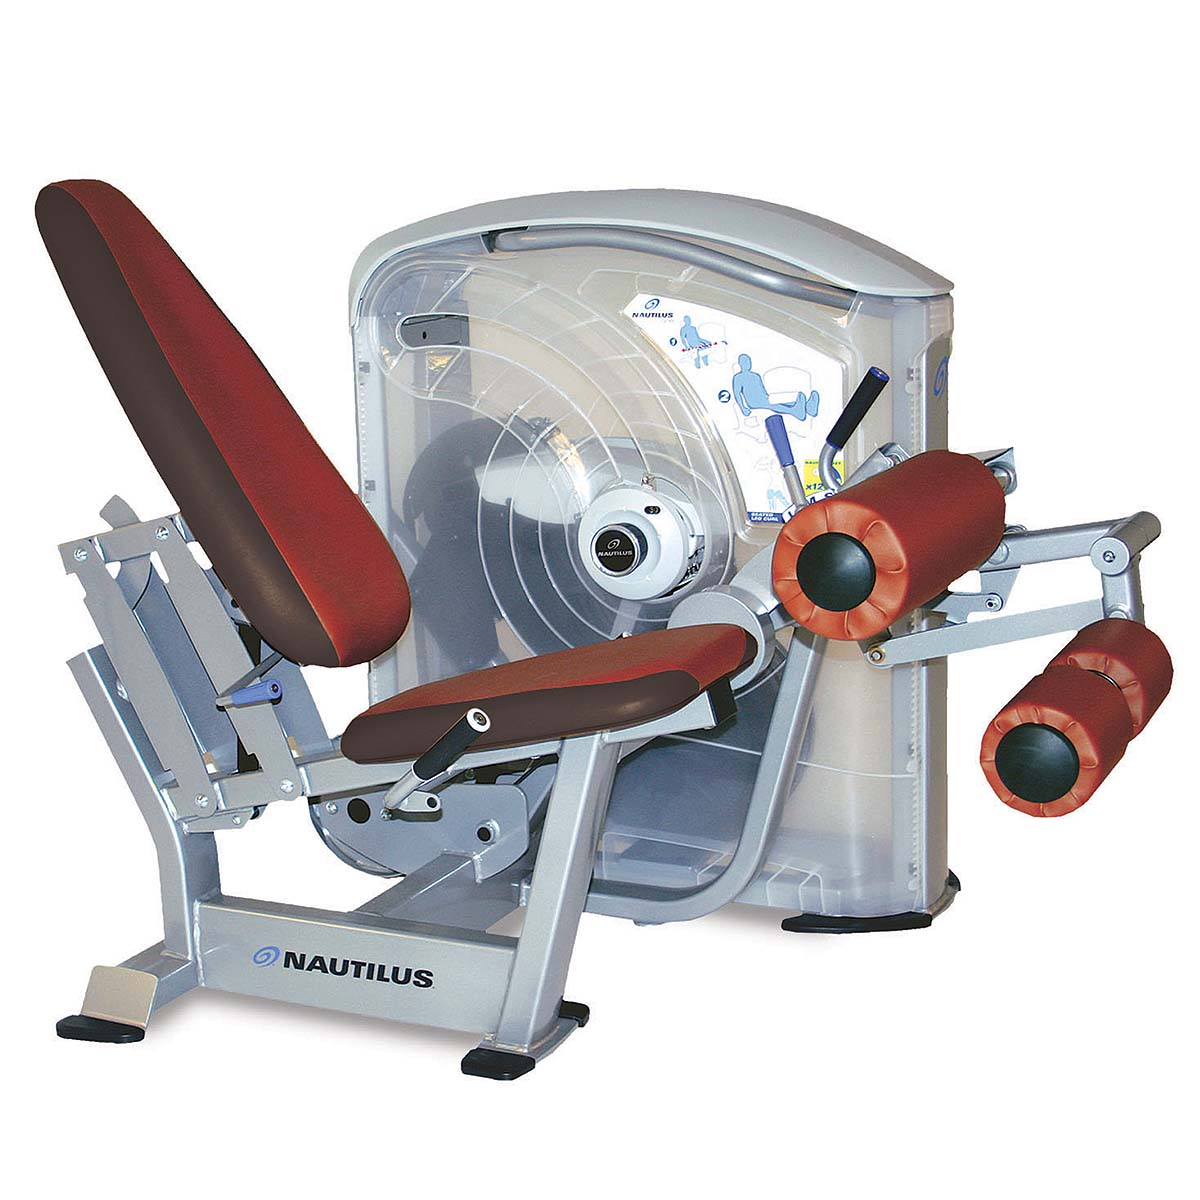 Surrey Strength Equipment - Nautilus Weight Stacking Machines - Lifestyle Equipment